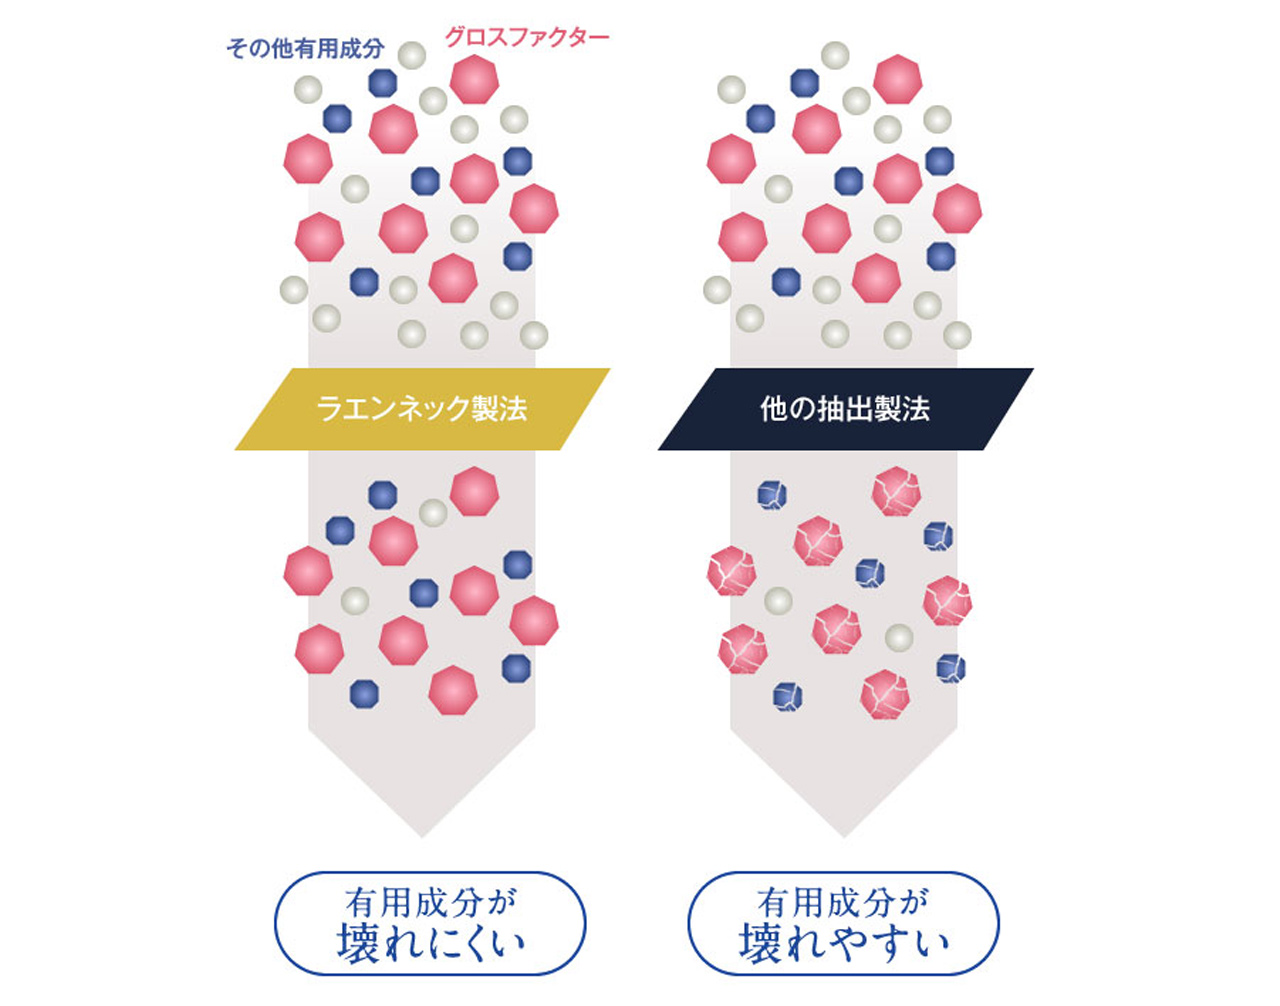 グロスファクターを壊さず抽出することができる「ラエンネック製法」の図解